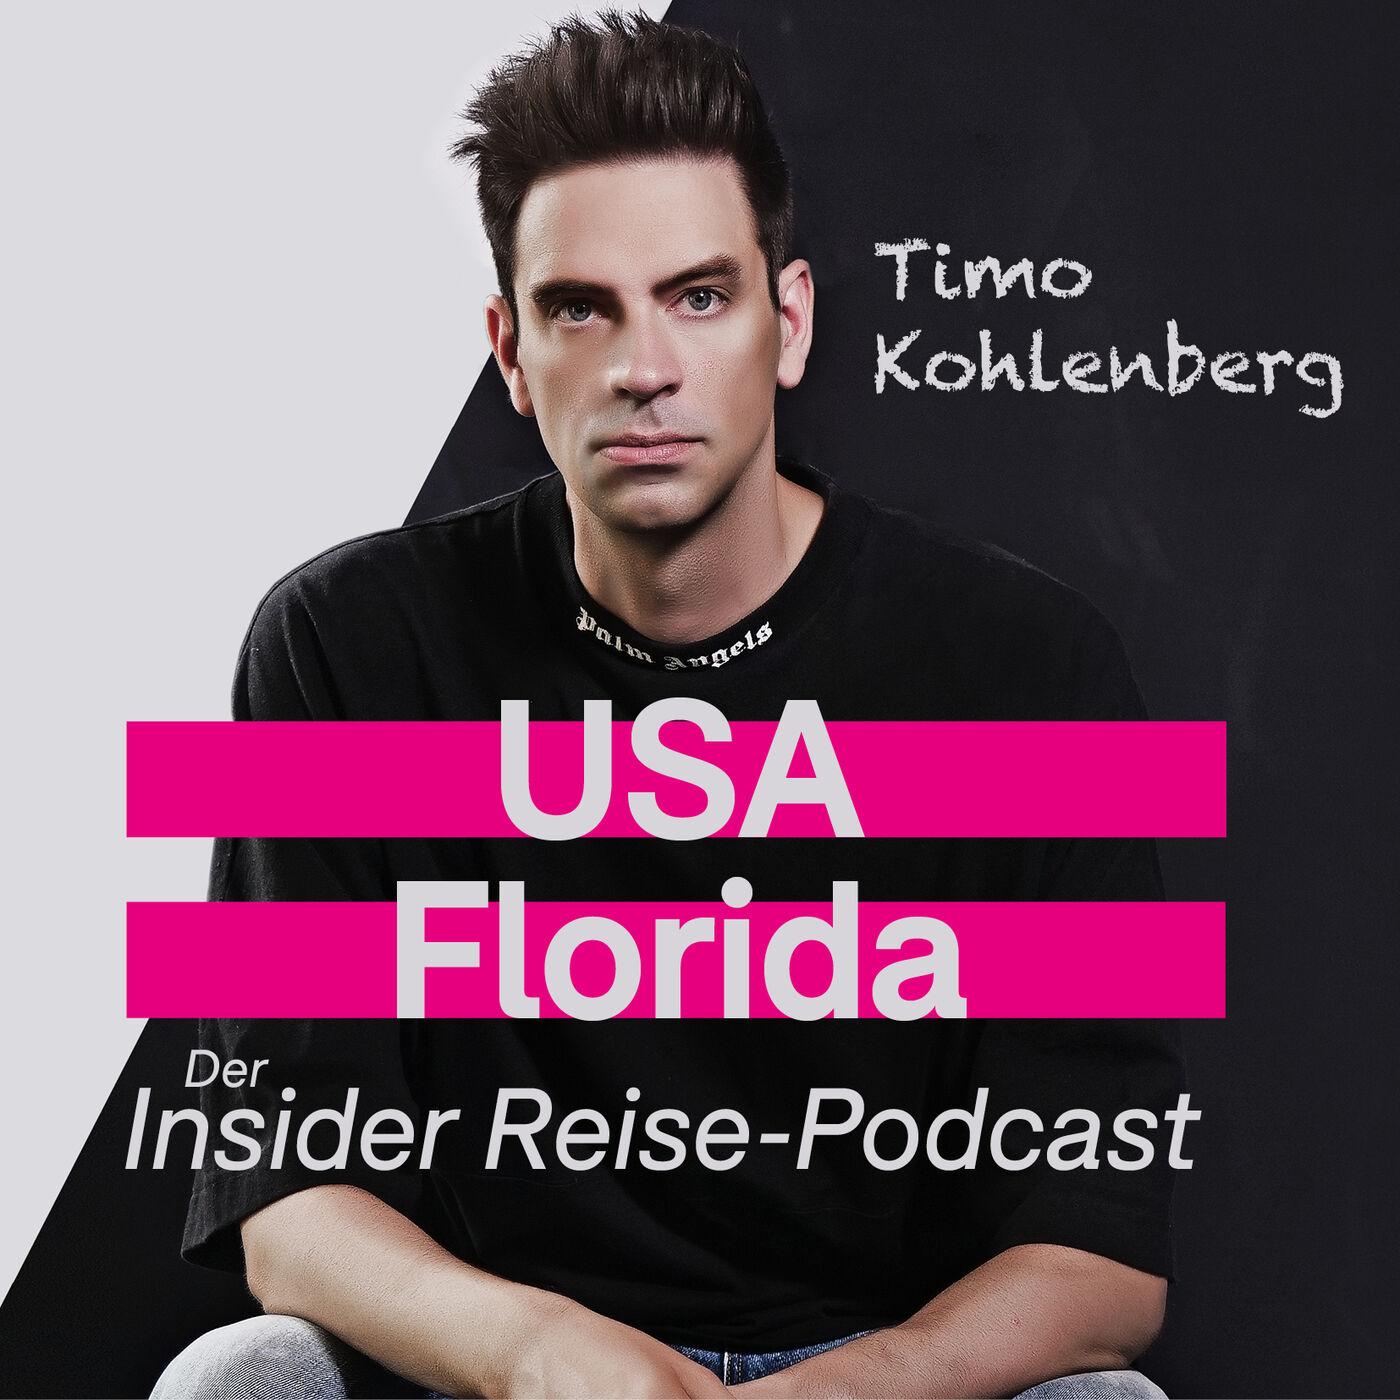 Florida: Manatees und Fine Dining in Badehose | Insider Reisepodcast mit Timo Kohlenberg